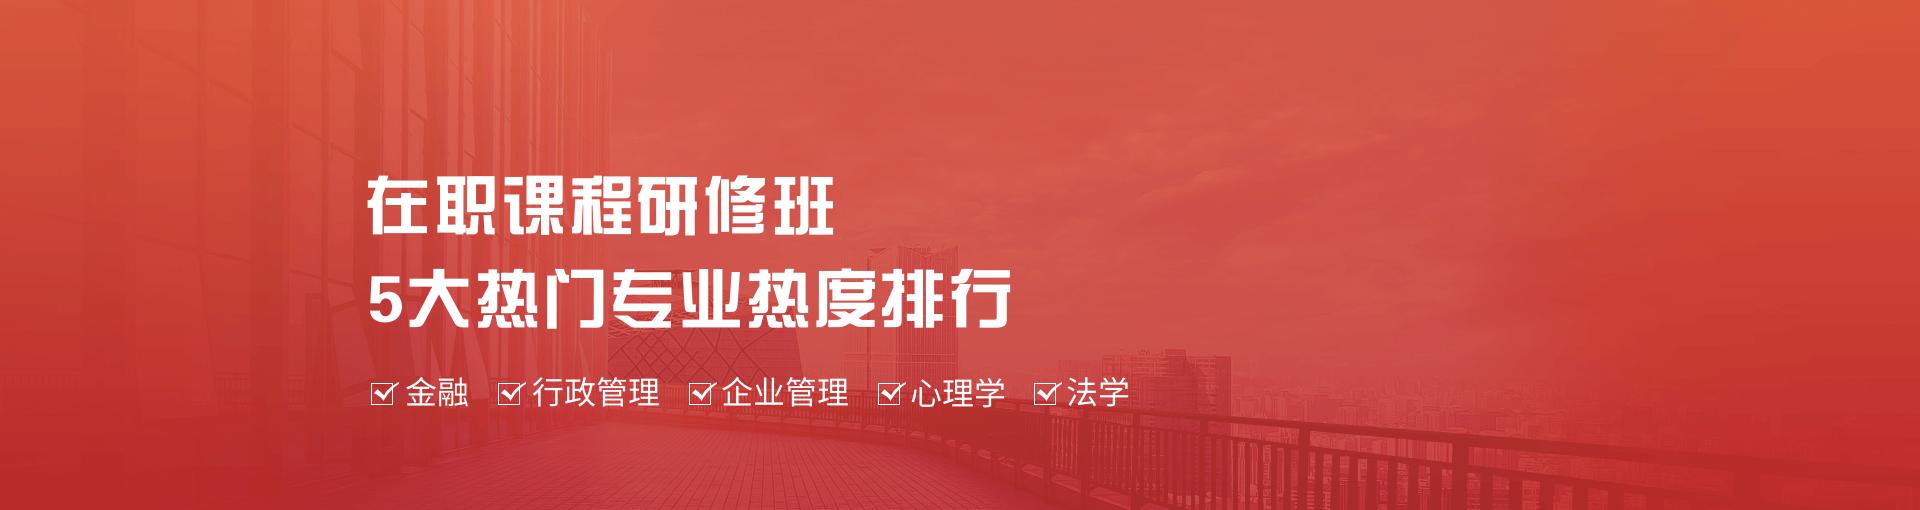 中国人民大学在职课程研修班5大热门专业